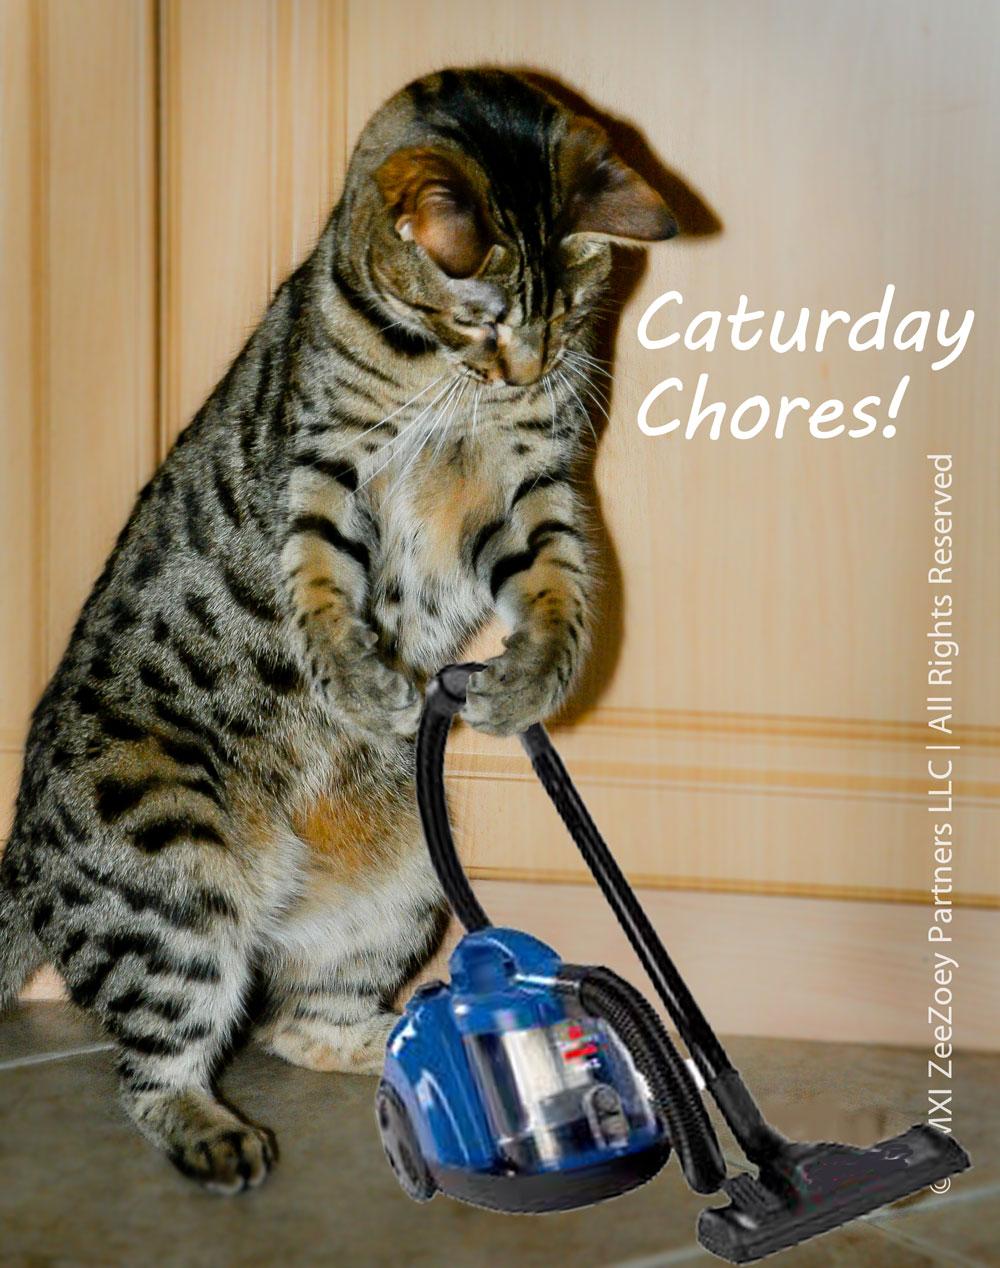 caturday-chores